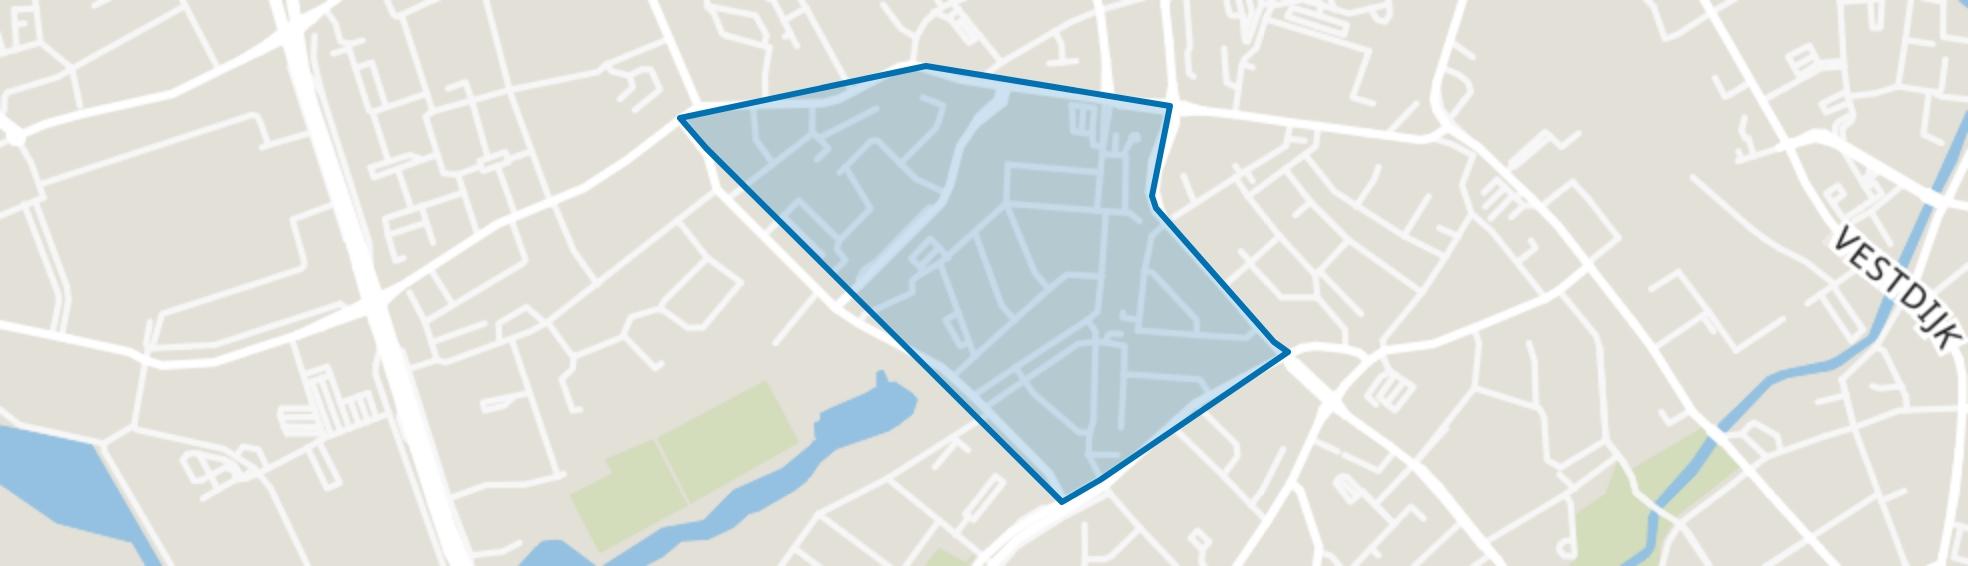 Eliasterrein, Vonderkwartier, Eindhoven map